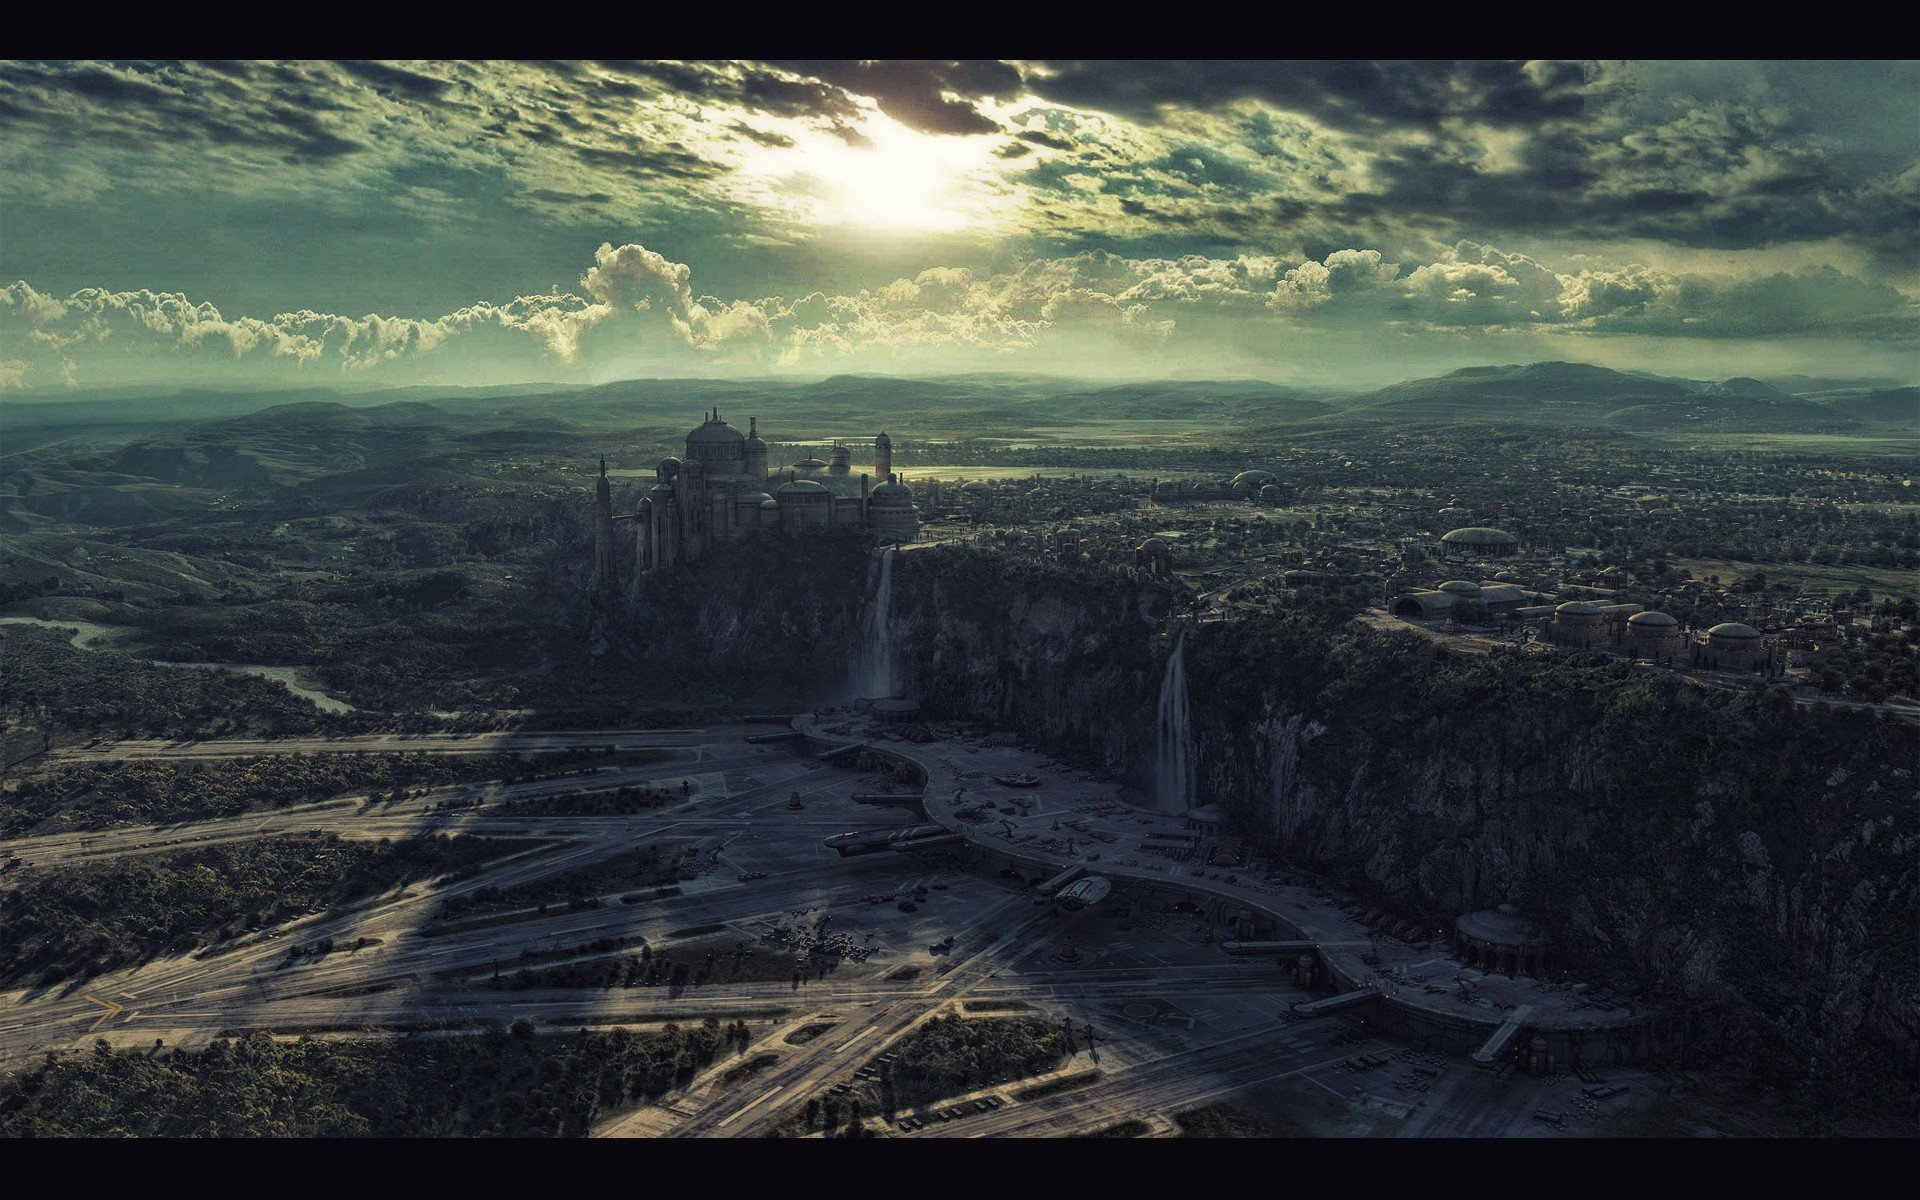 Star Wars Wallpaper 1920x1200 Star Wars Landscapes Naboo 1920x1200